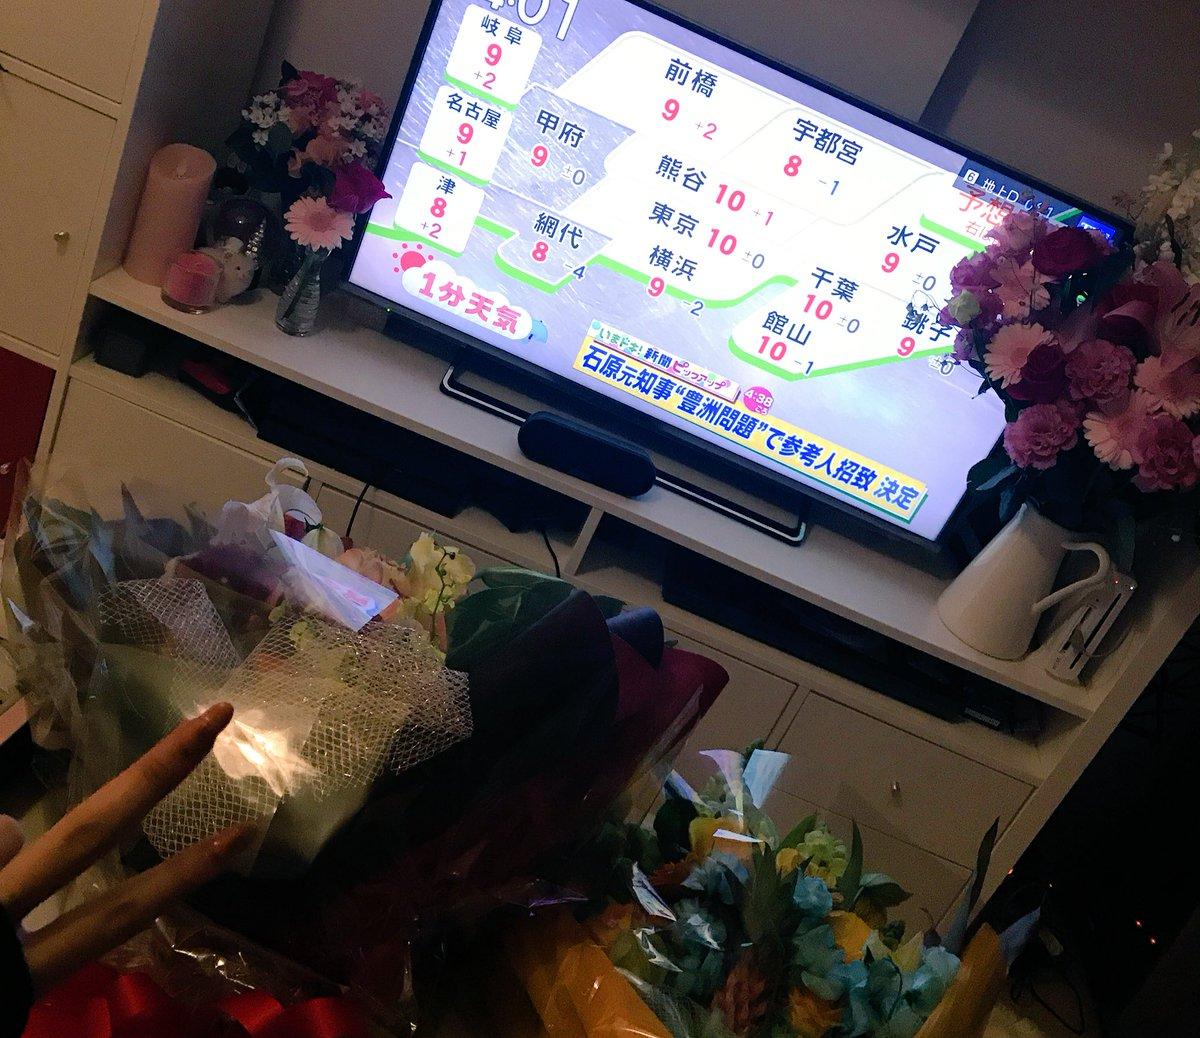 お花だらけ幸せ😌さぁ寝る準備🐻🌈